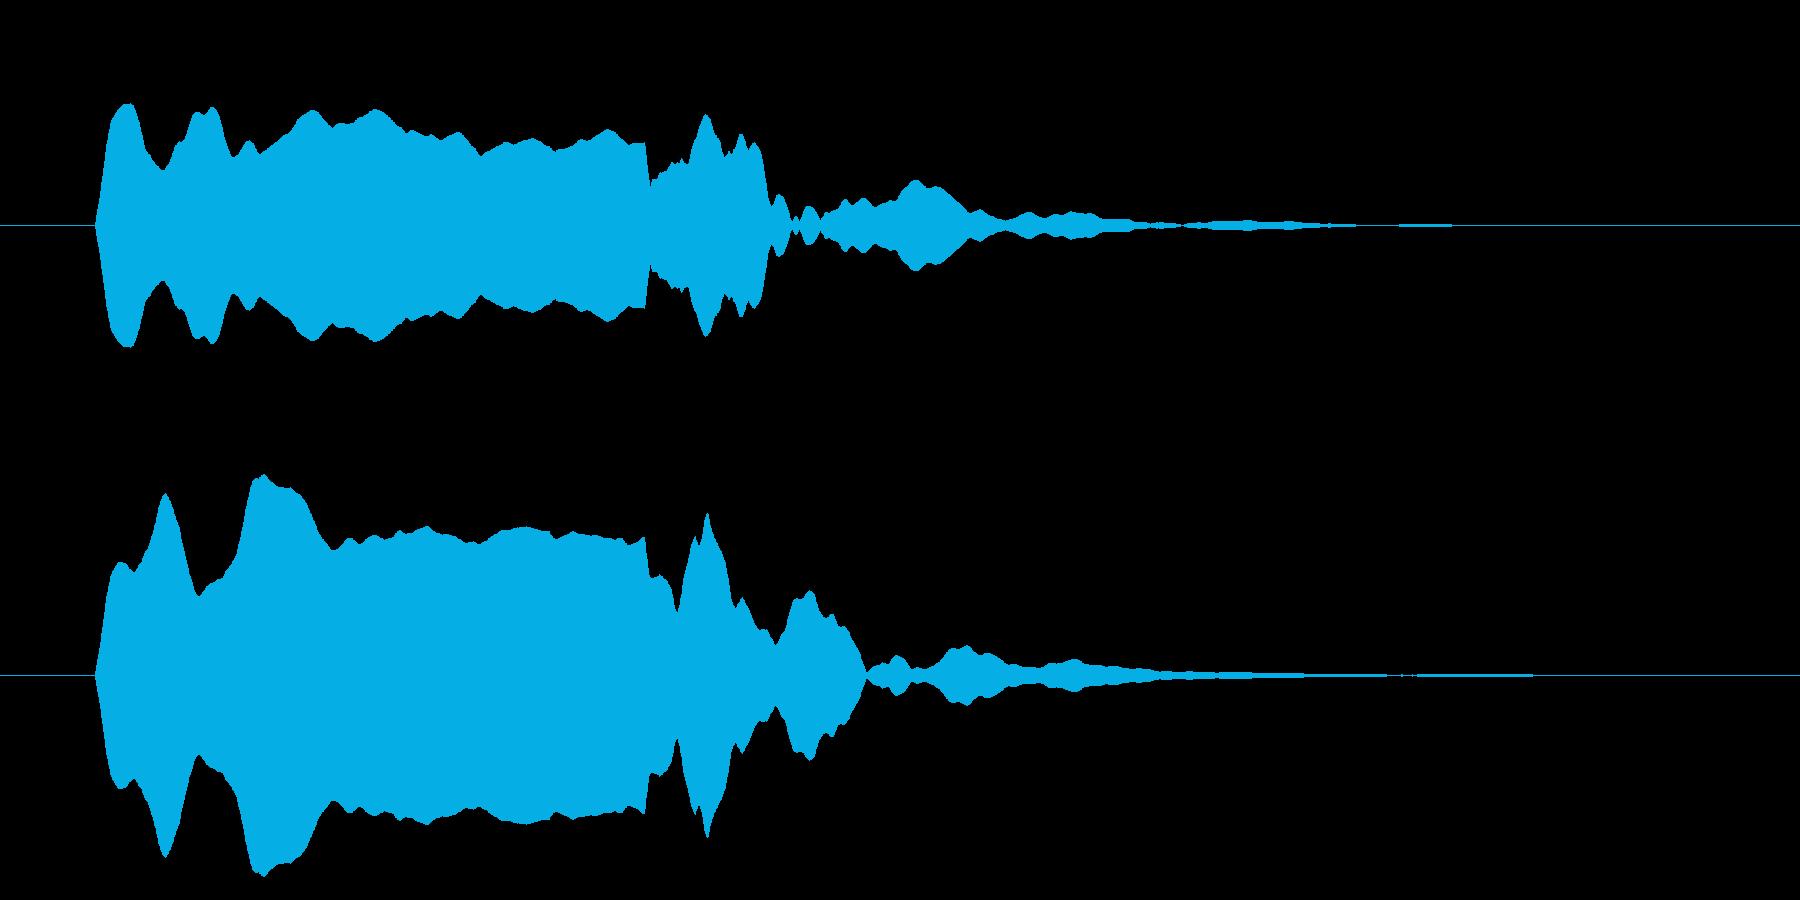 改札 ビープ音01-15(音色2 遠)の再生済みの波形